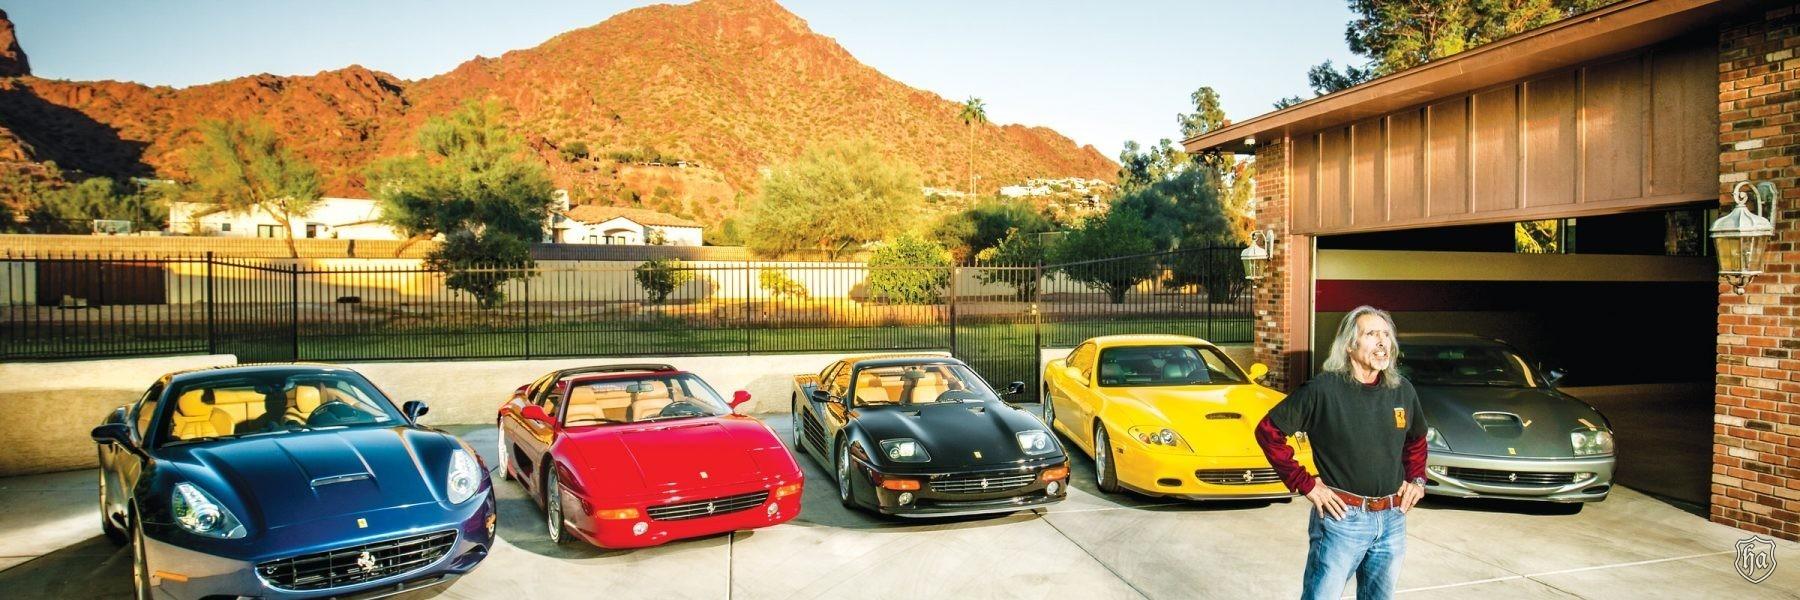 Covington Honda Nissan >> Mark Kramer Celebrates 70 Years of Ferrari - Highline ...